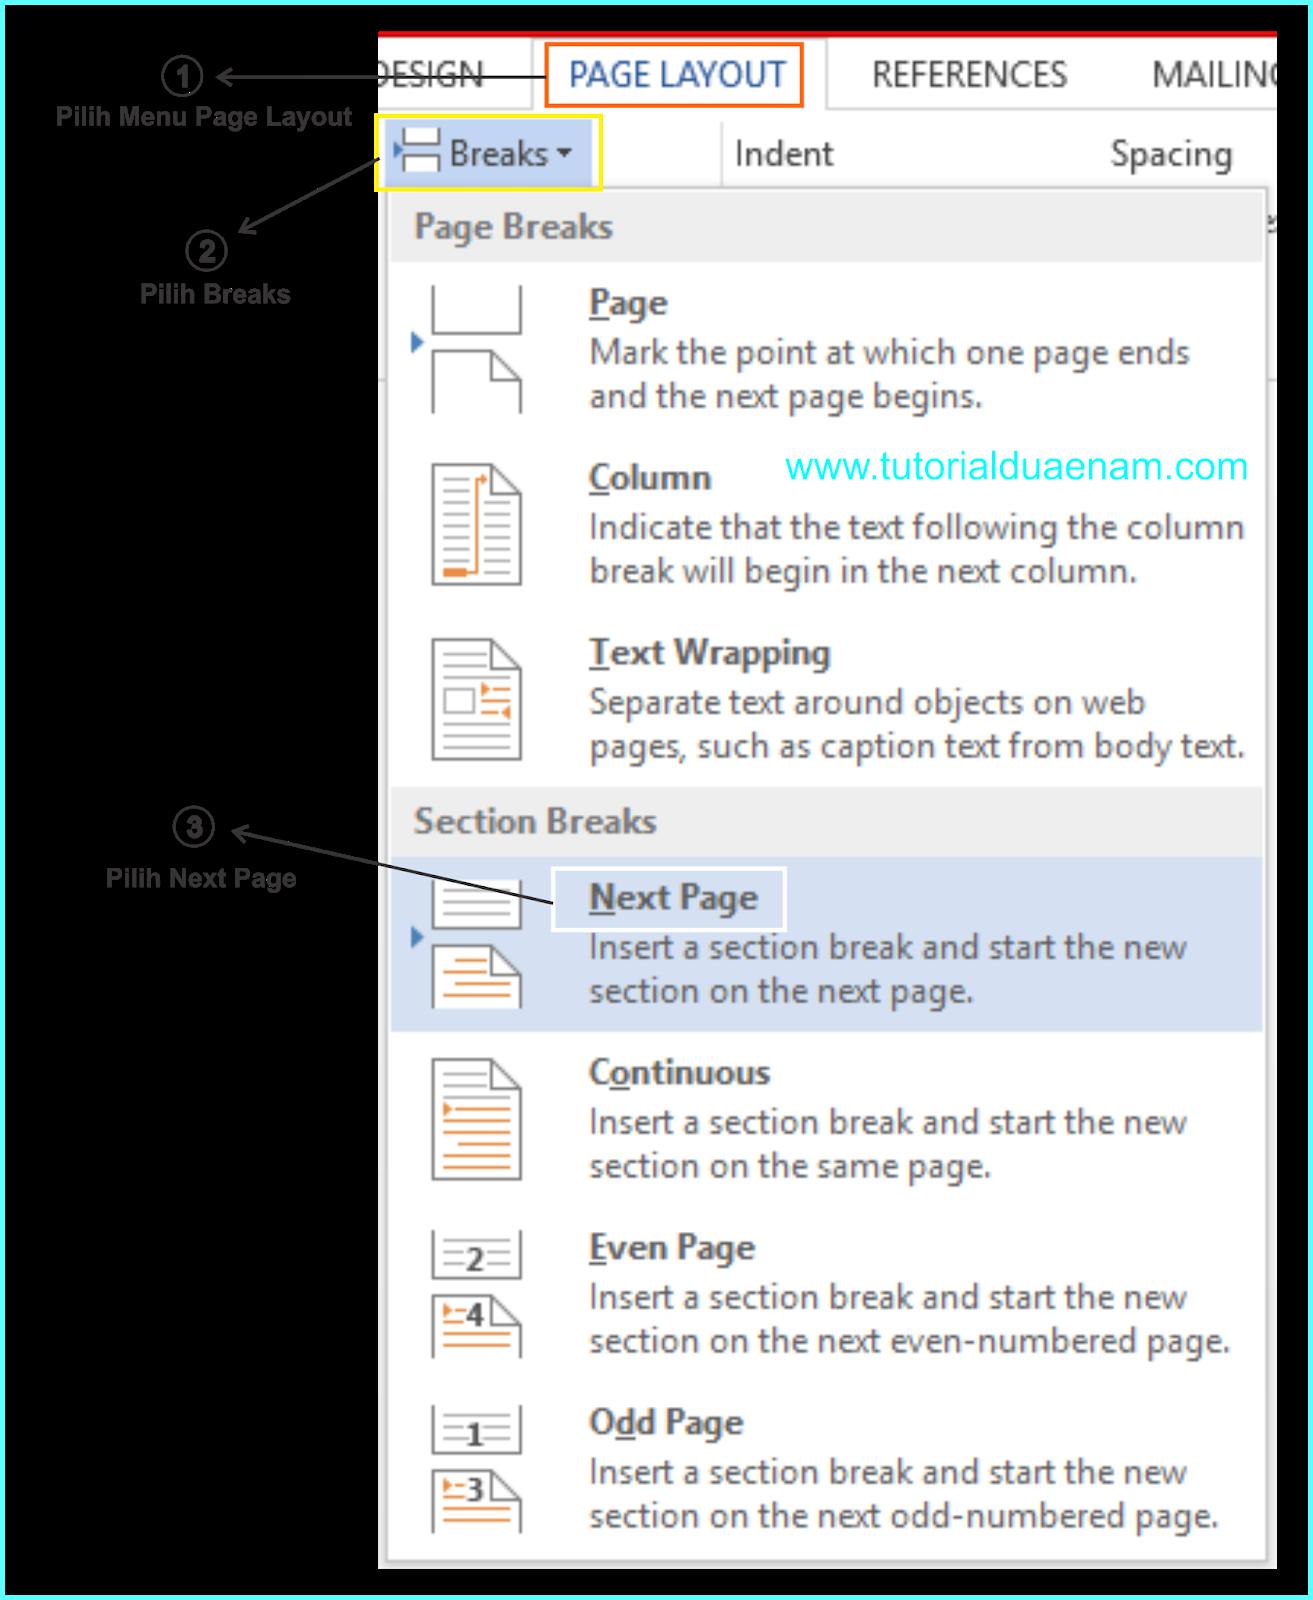 Cara Membuat Halaman Potrait dan Landscape dalam Satu File ...